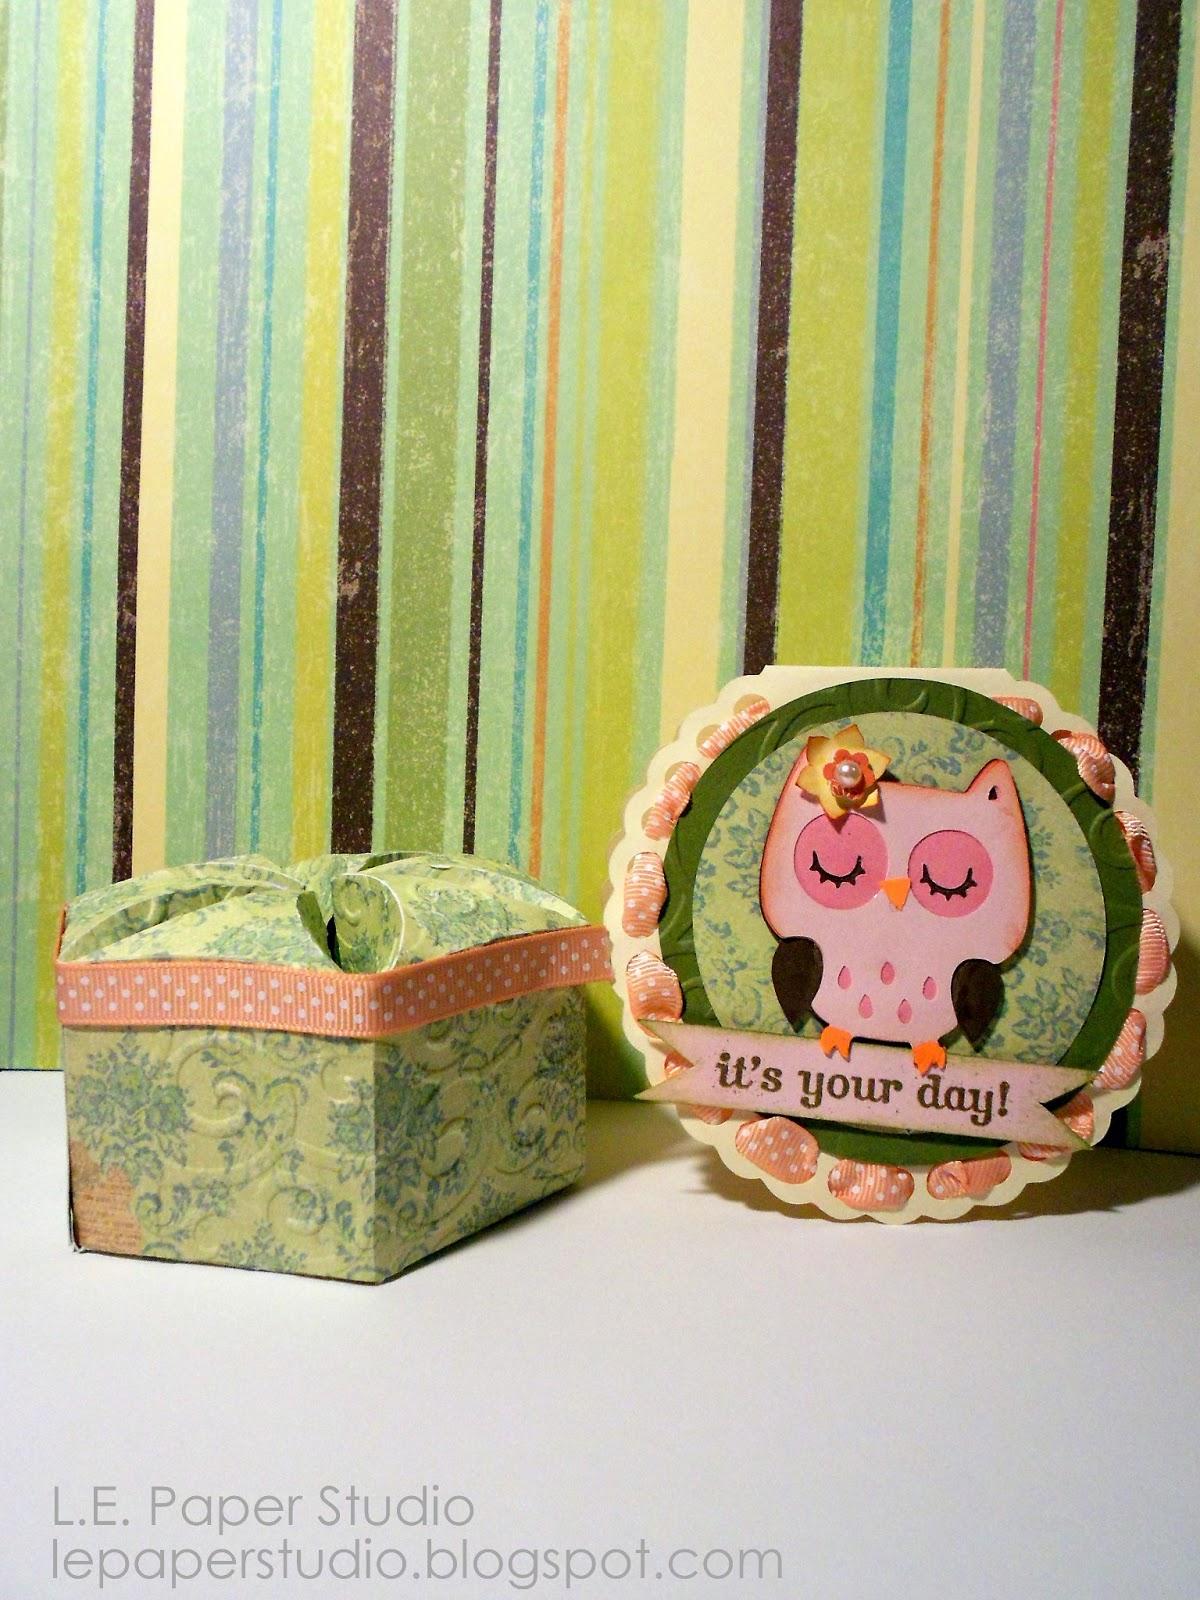 L.E. Paper Studio: My Cricut Craft Room